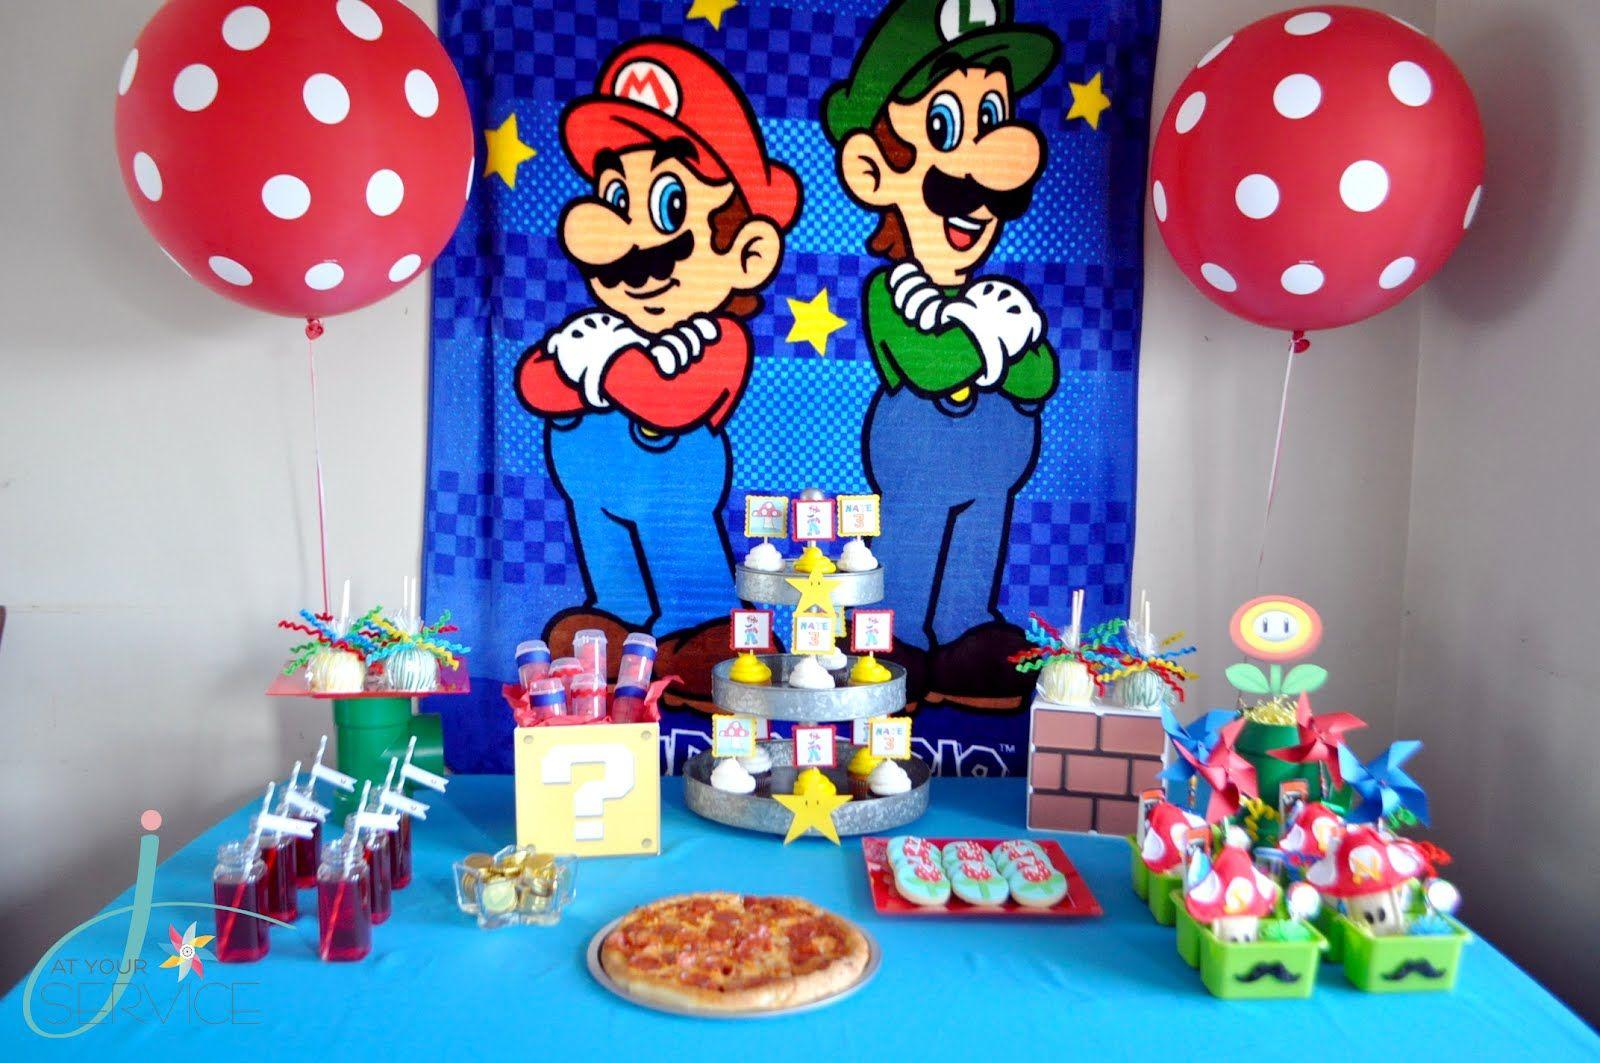 Mario and luigi birthday party party ideas super mario - Luigi mario party ...